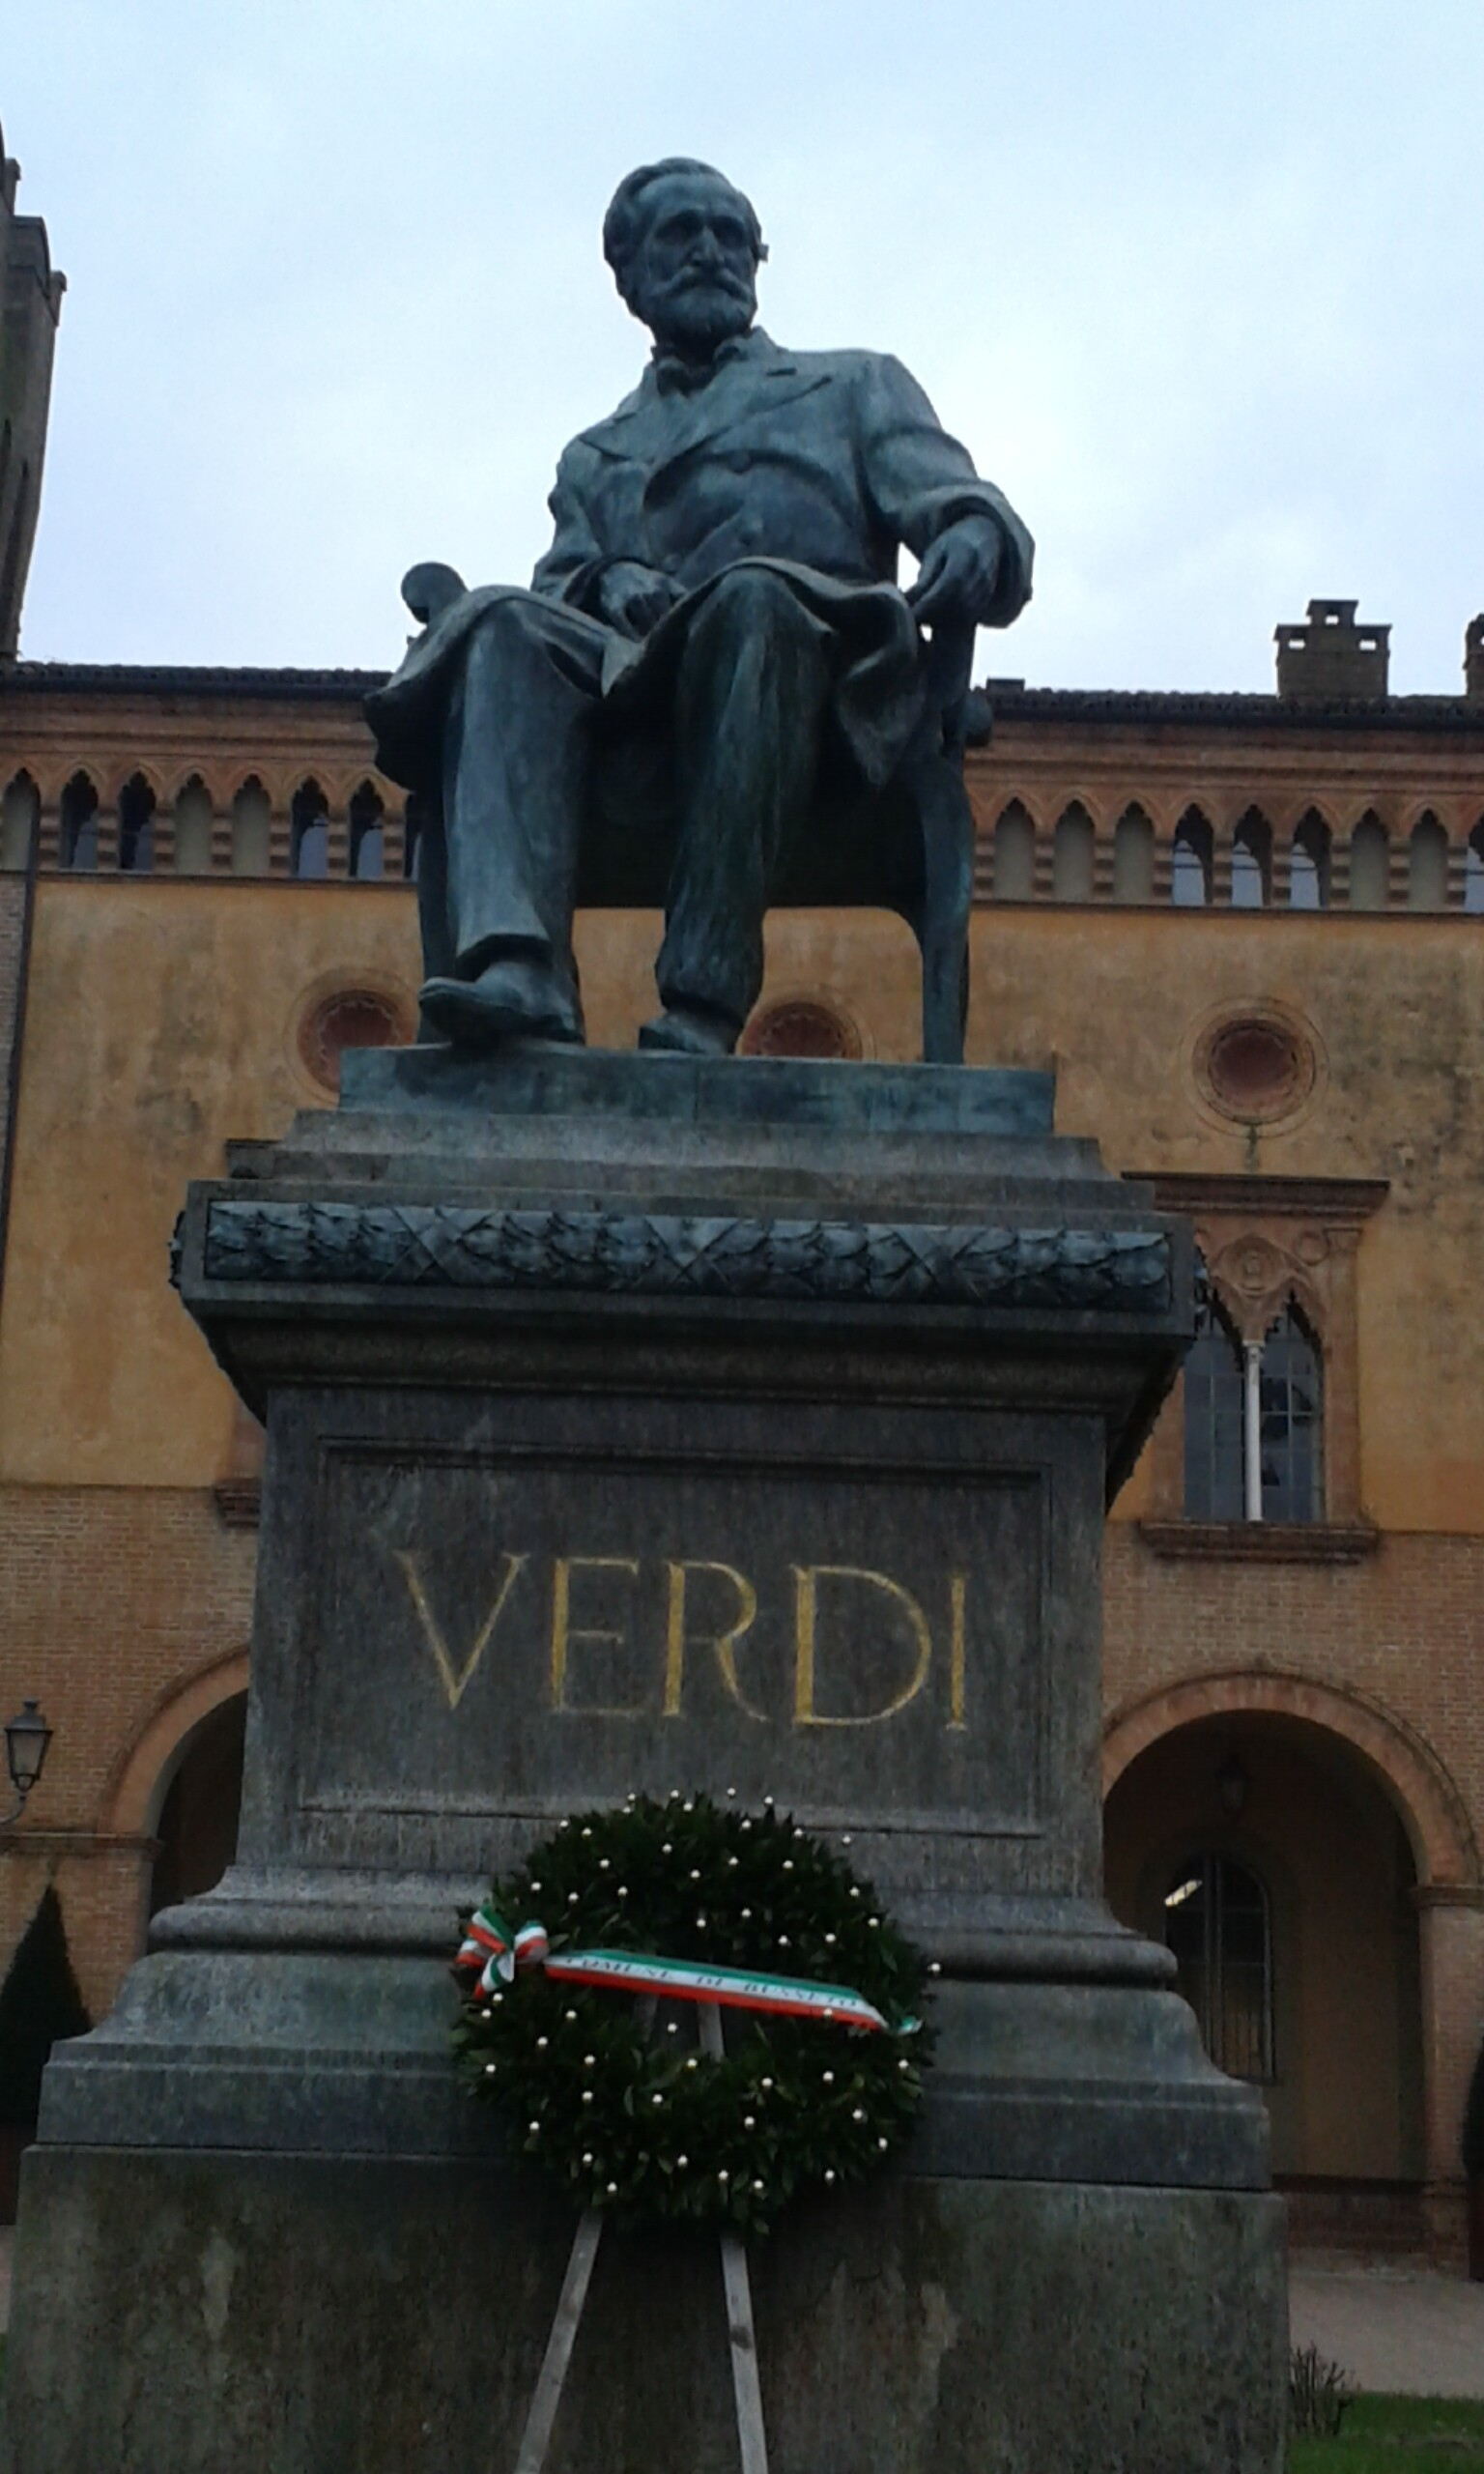 25, 26 e 27 gennaio Tre giorni per commemorare il Maestro Verdi a Busseto